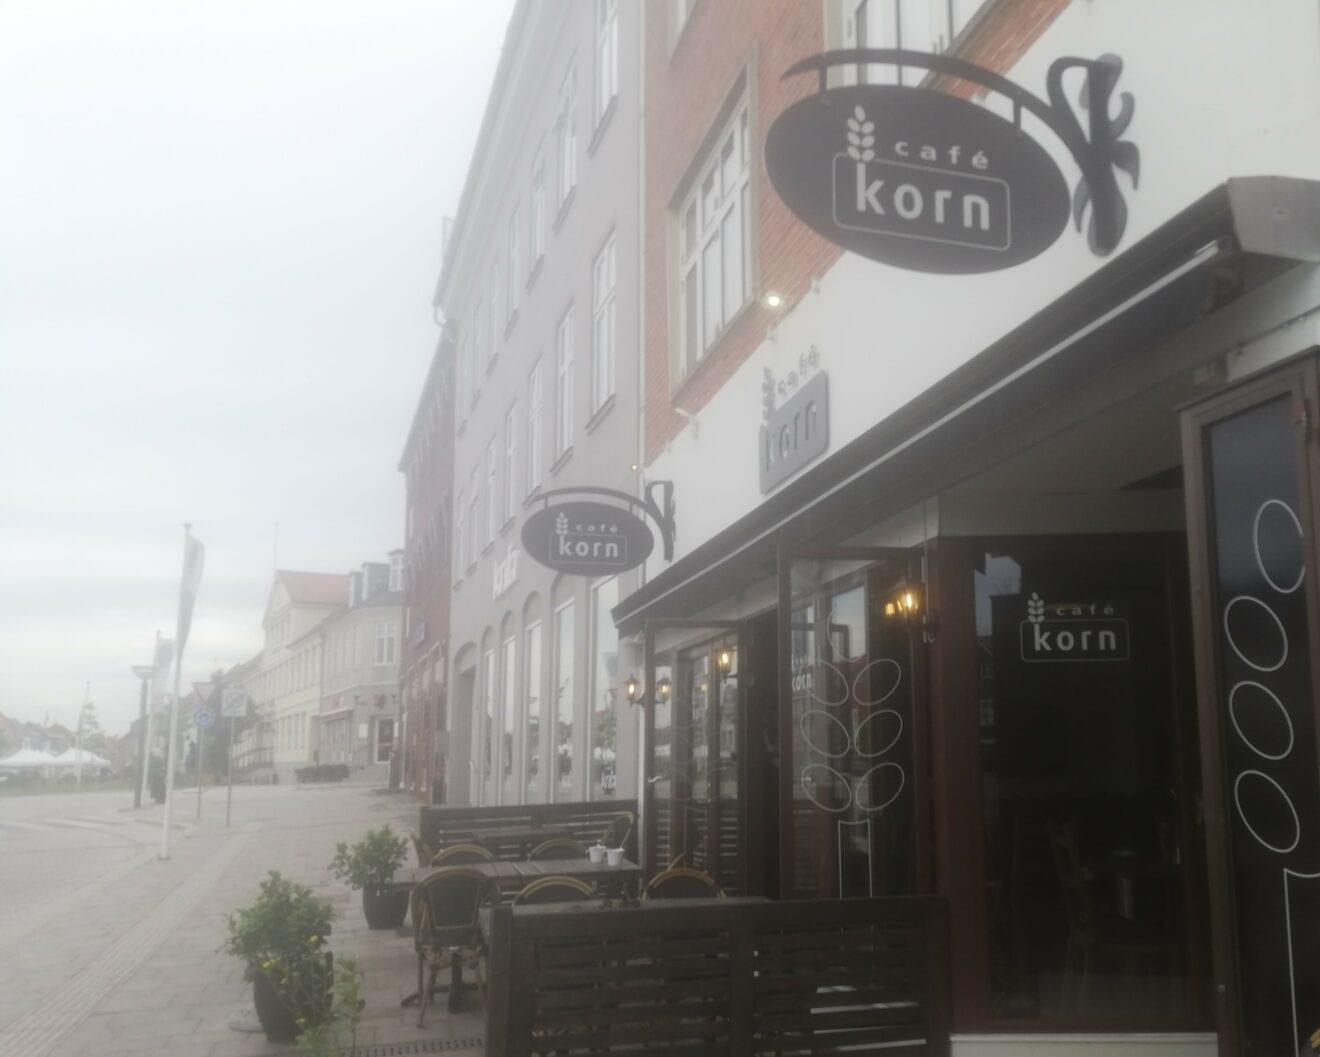 Cafe Korn søger en erfaren leder til caféen i Ringsted